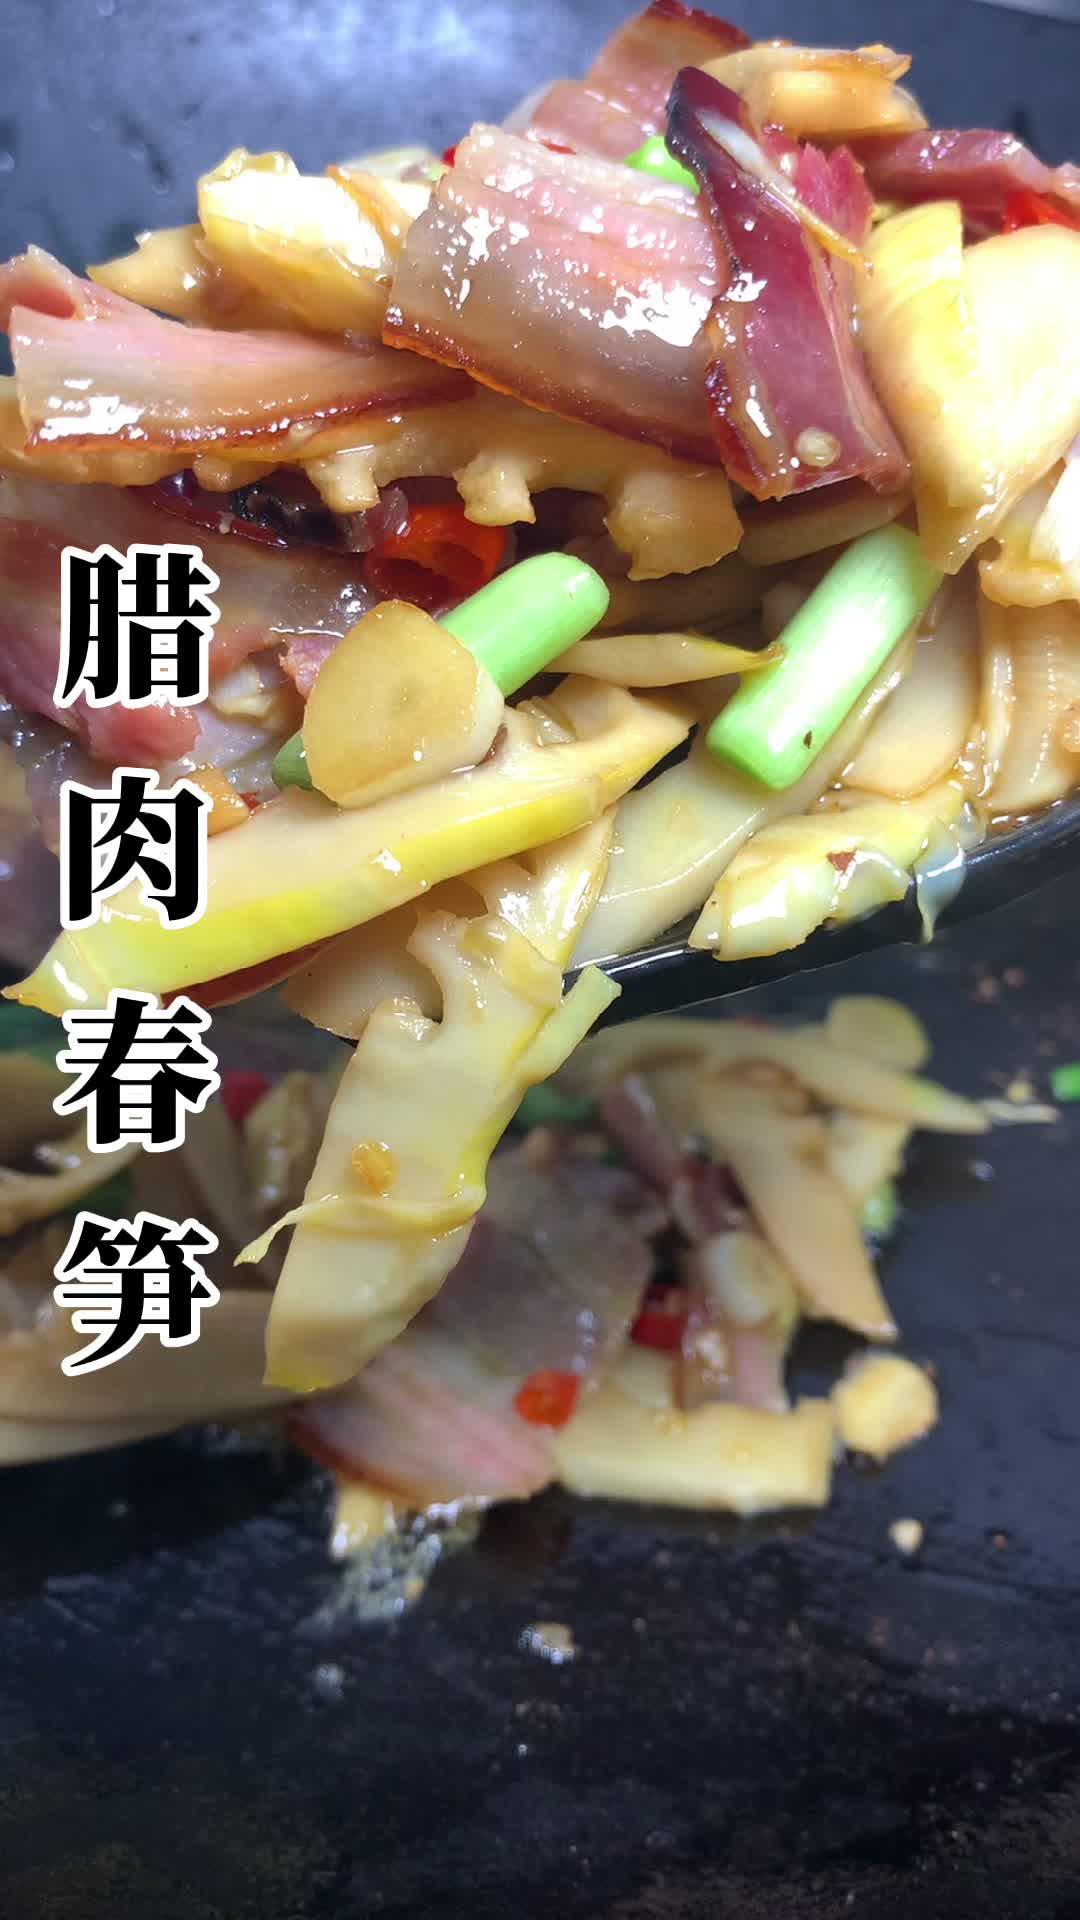 菜篮子(美食): 又到吃笋的季节了 春笋和腊肉一起烧 那简直就是绝配 每次一盘都不够吃 #美食趣味计划 #美食教程